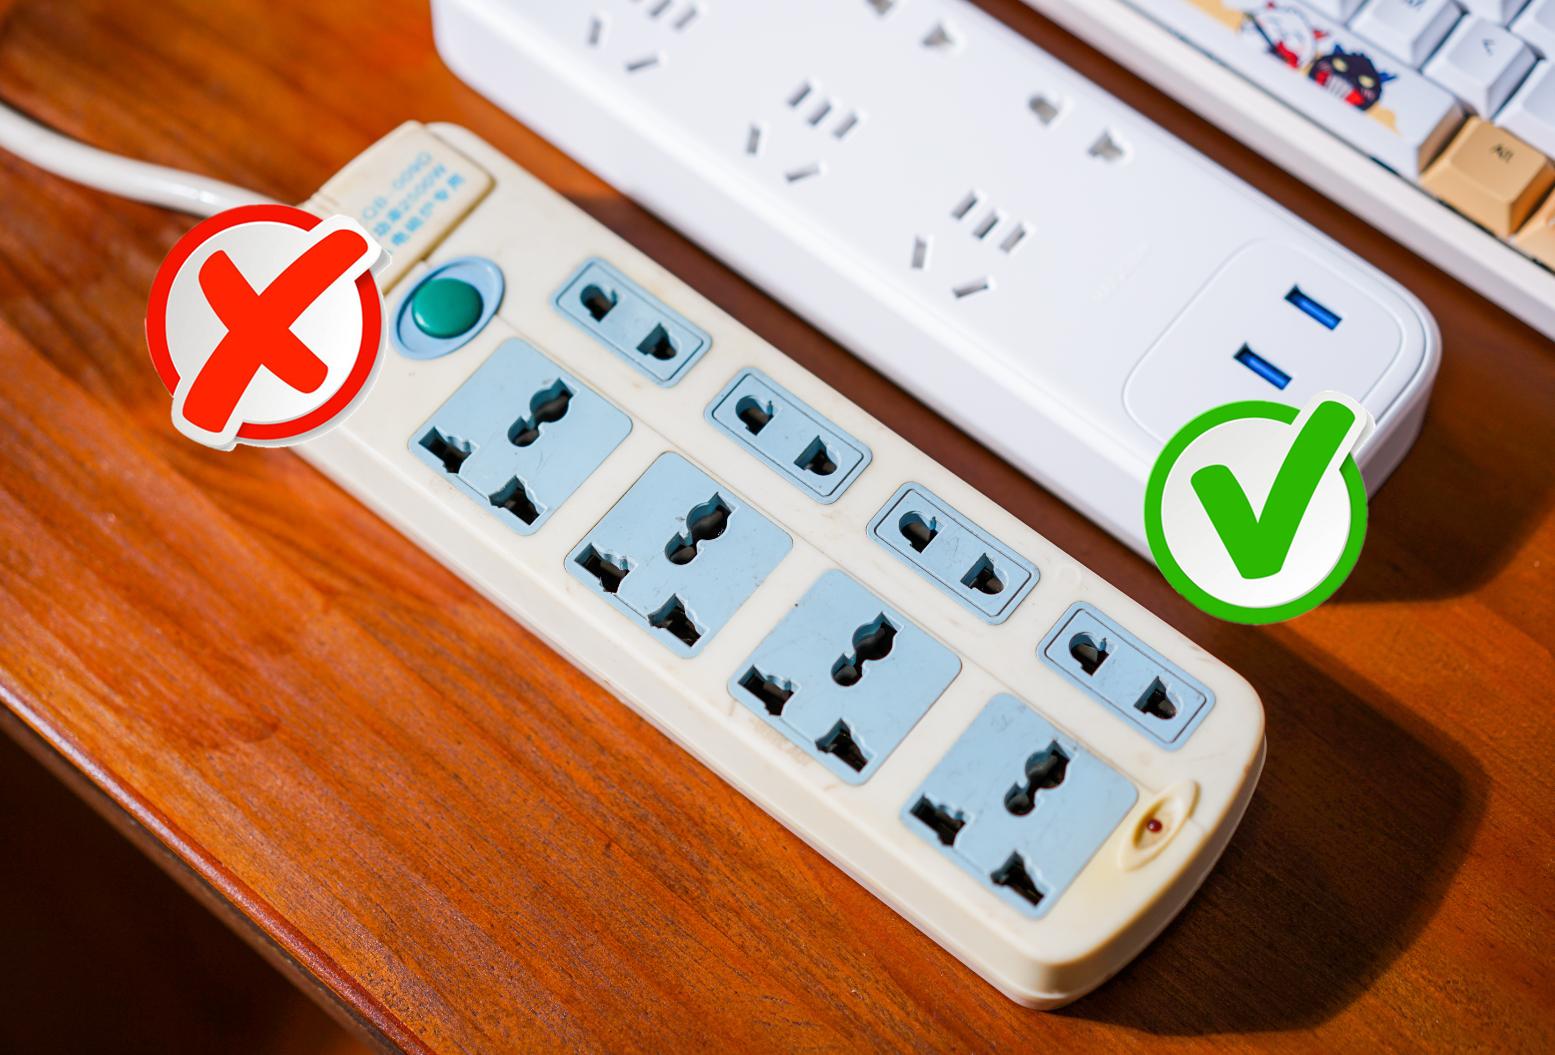 """实用的""""万能插座"""",为何被国家禁止使用?看看它的危害就明白了"""